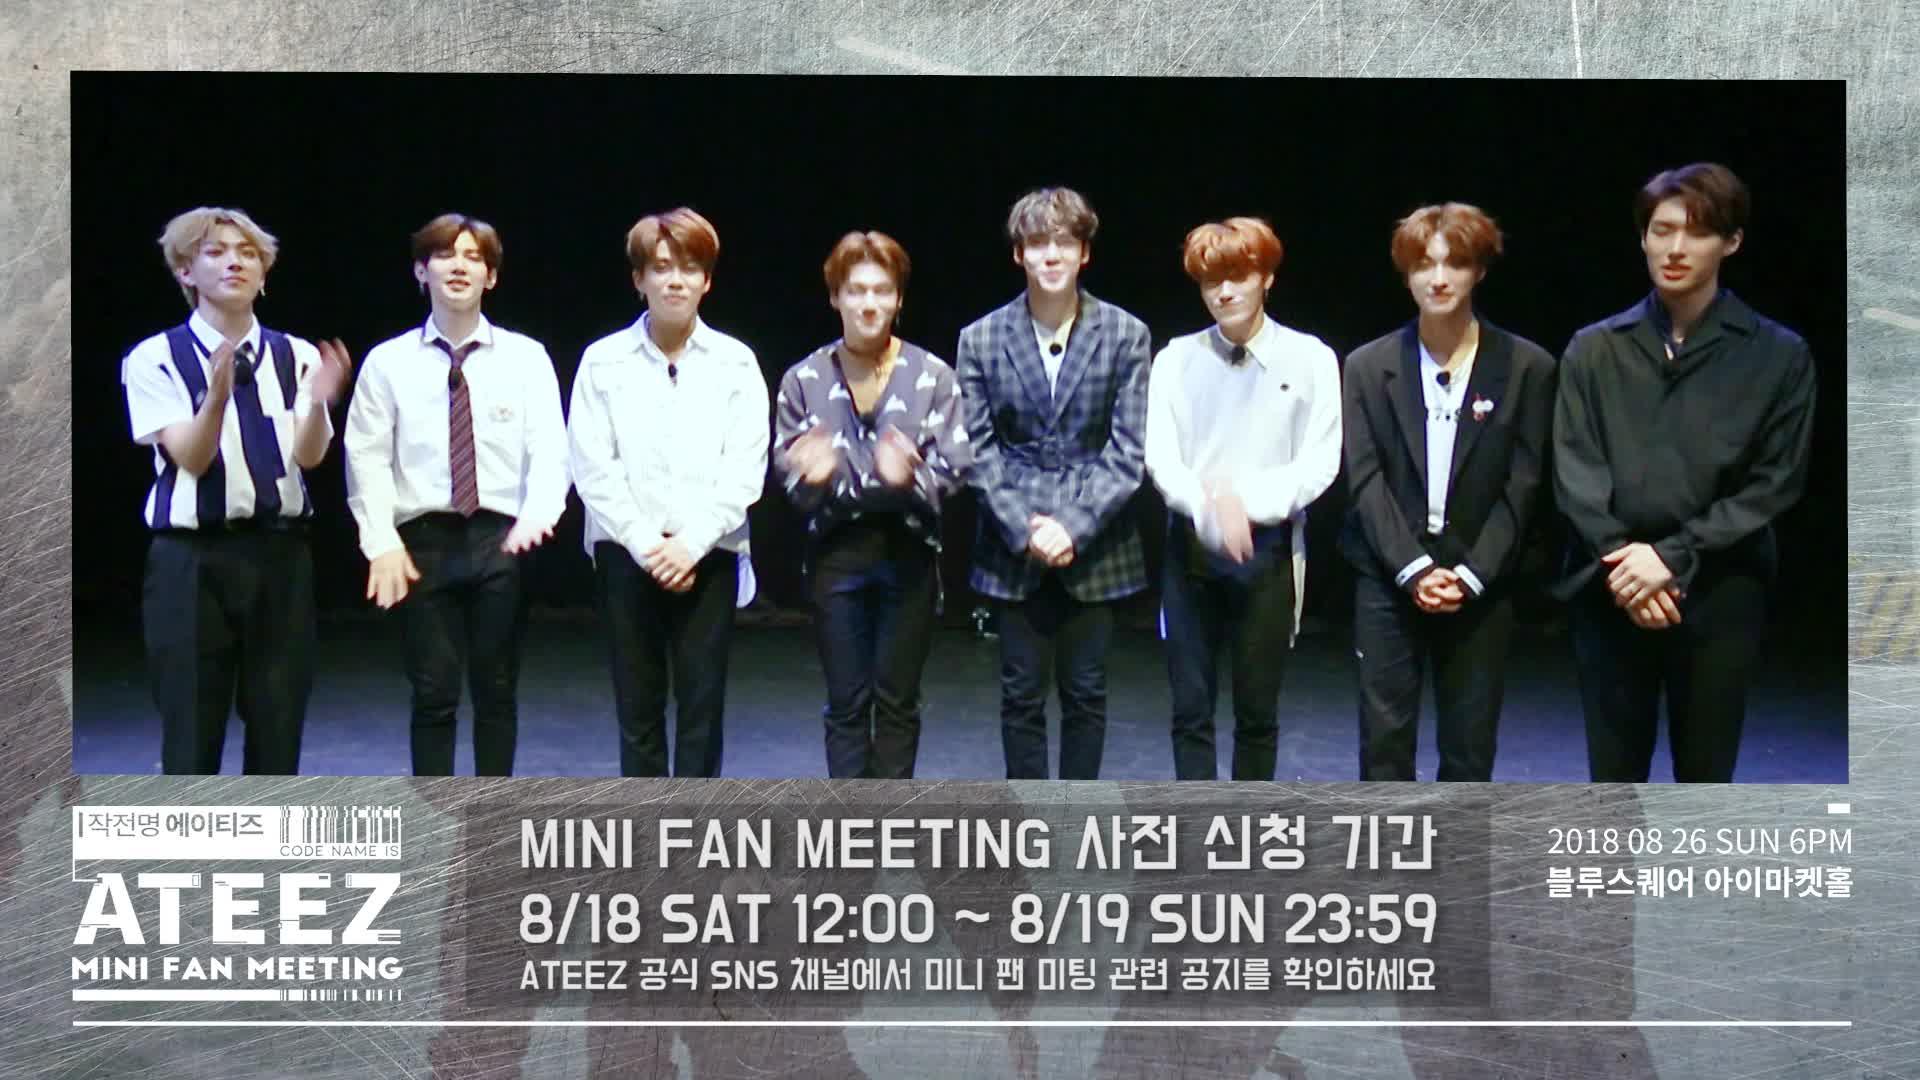 Welcome to 'ATEEZ Mini Fan Meeting'